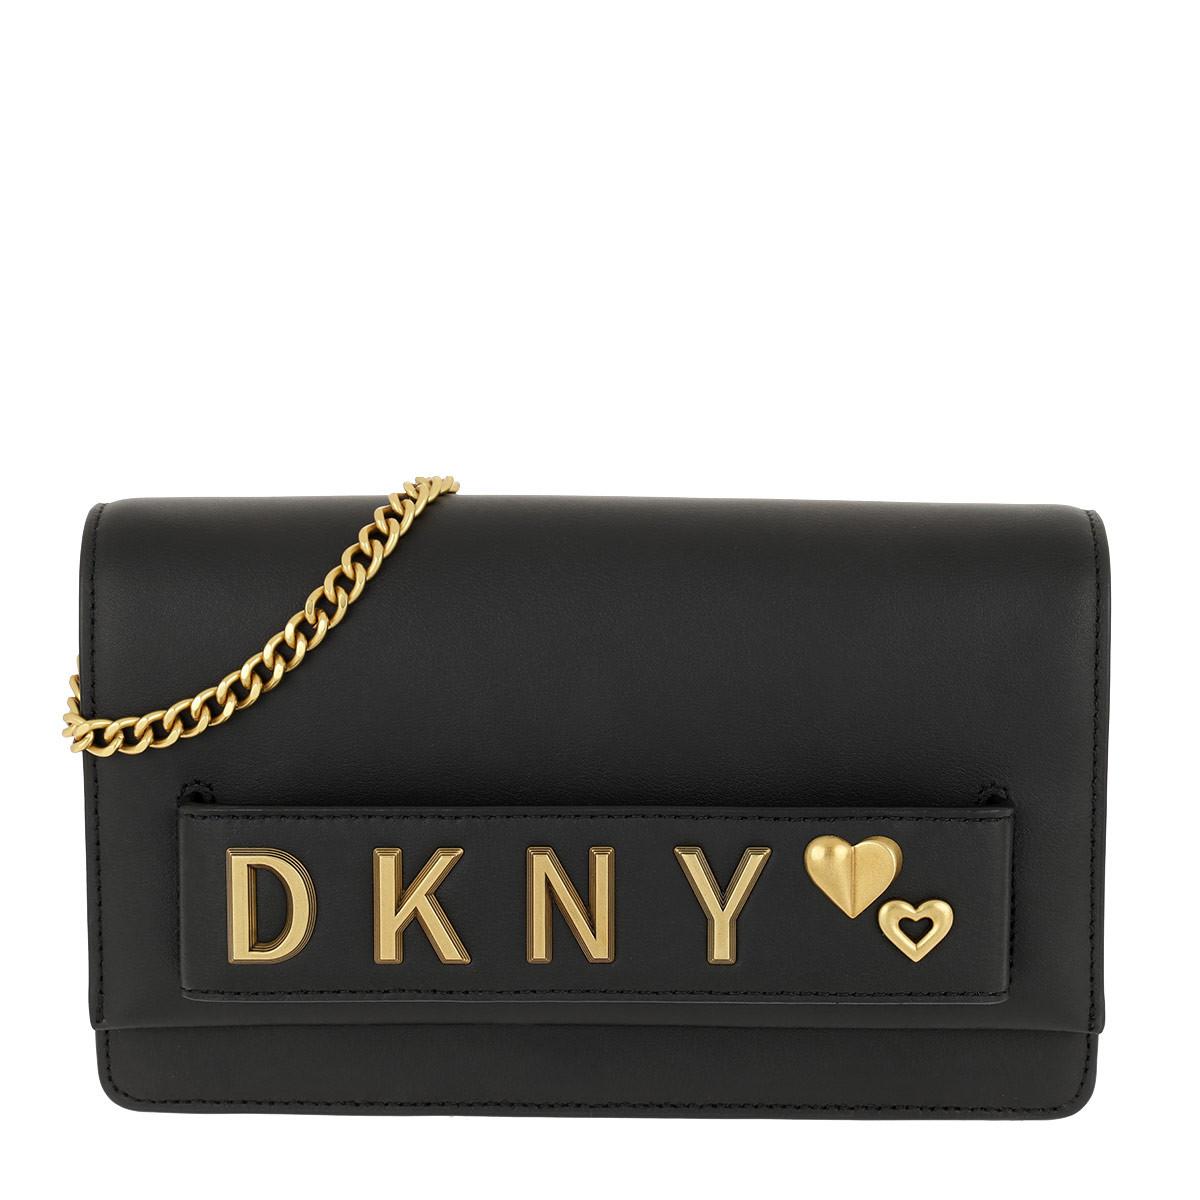 DKNY Umhängetasche - Smoke Convertible Clutch Black/Gold - in schwarz - für Damen